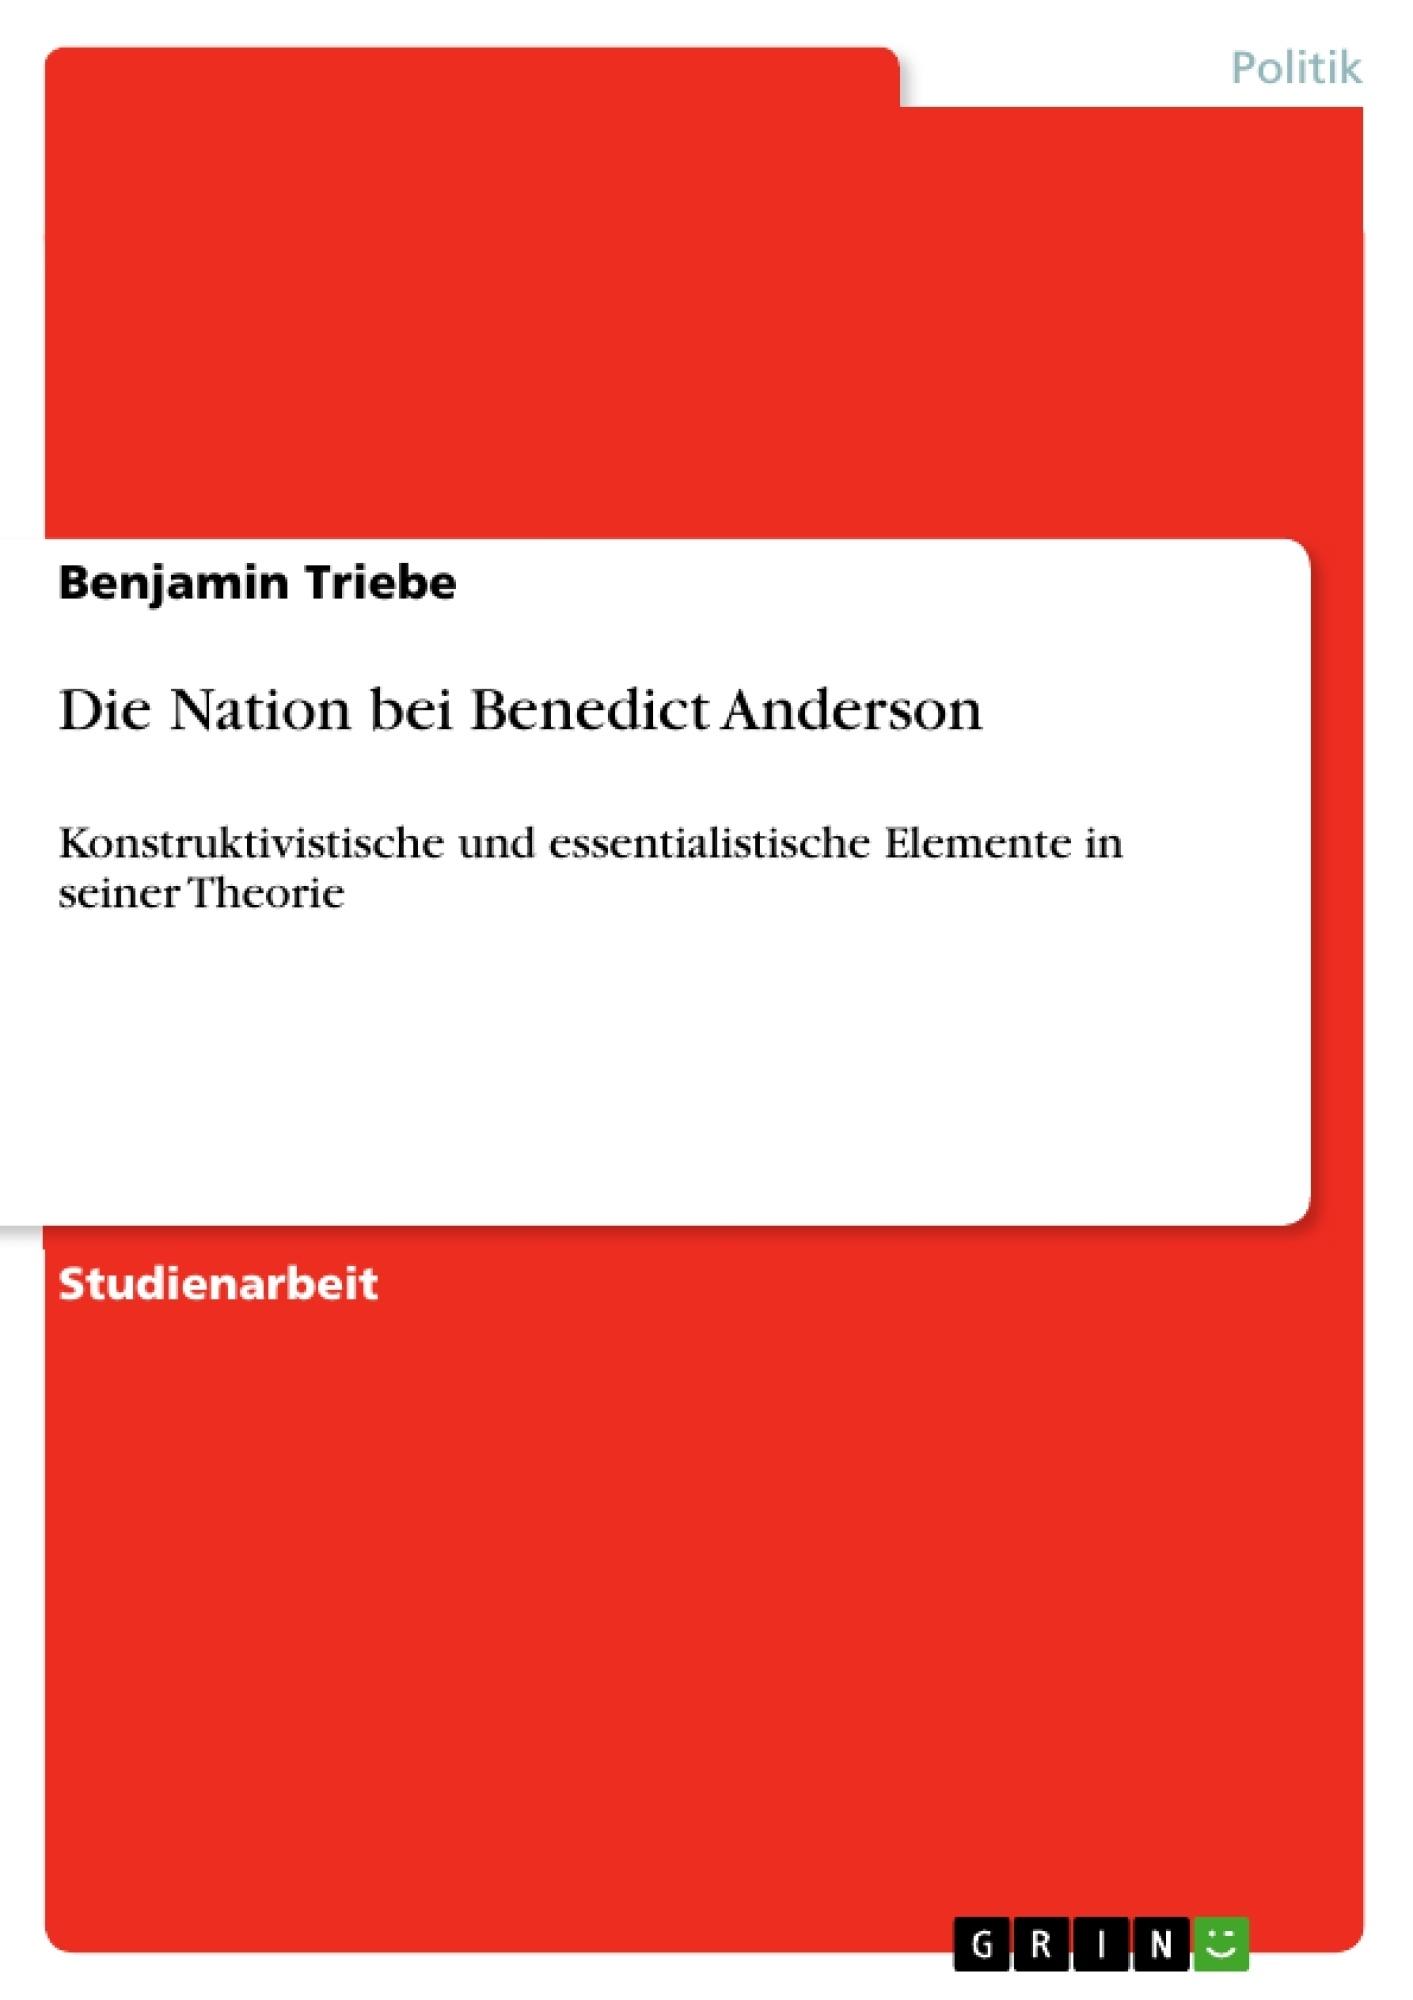 Titel: Die Nation bei Benedict Anderson